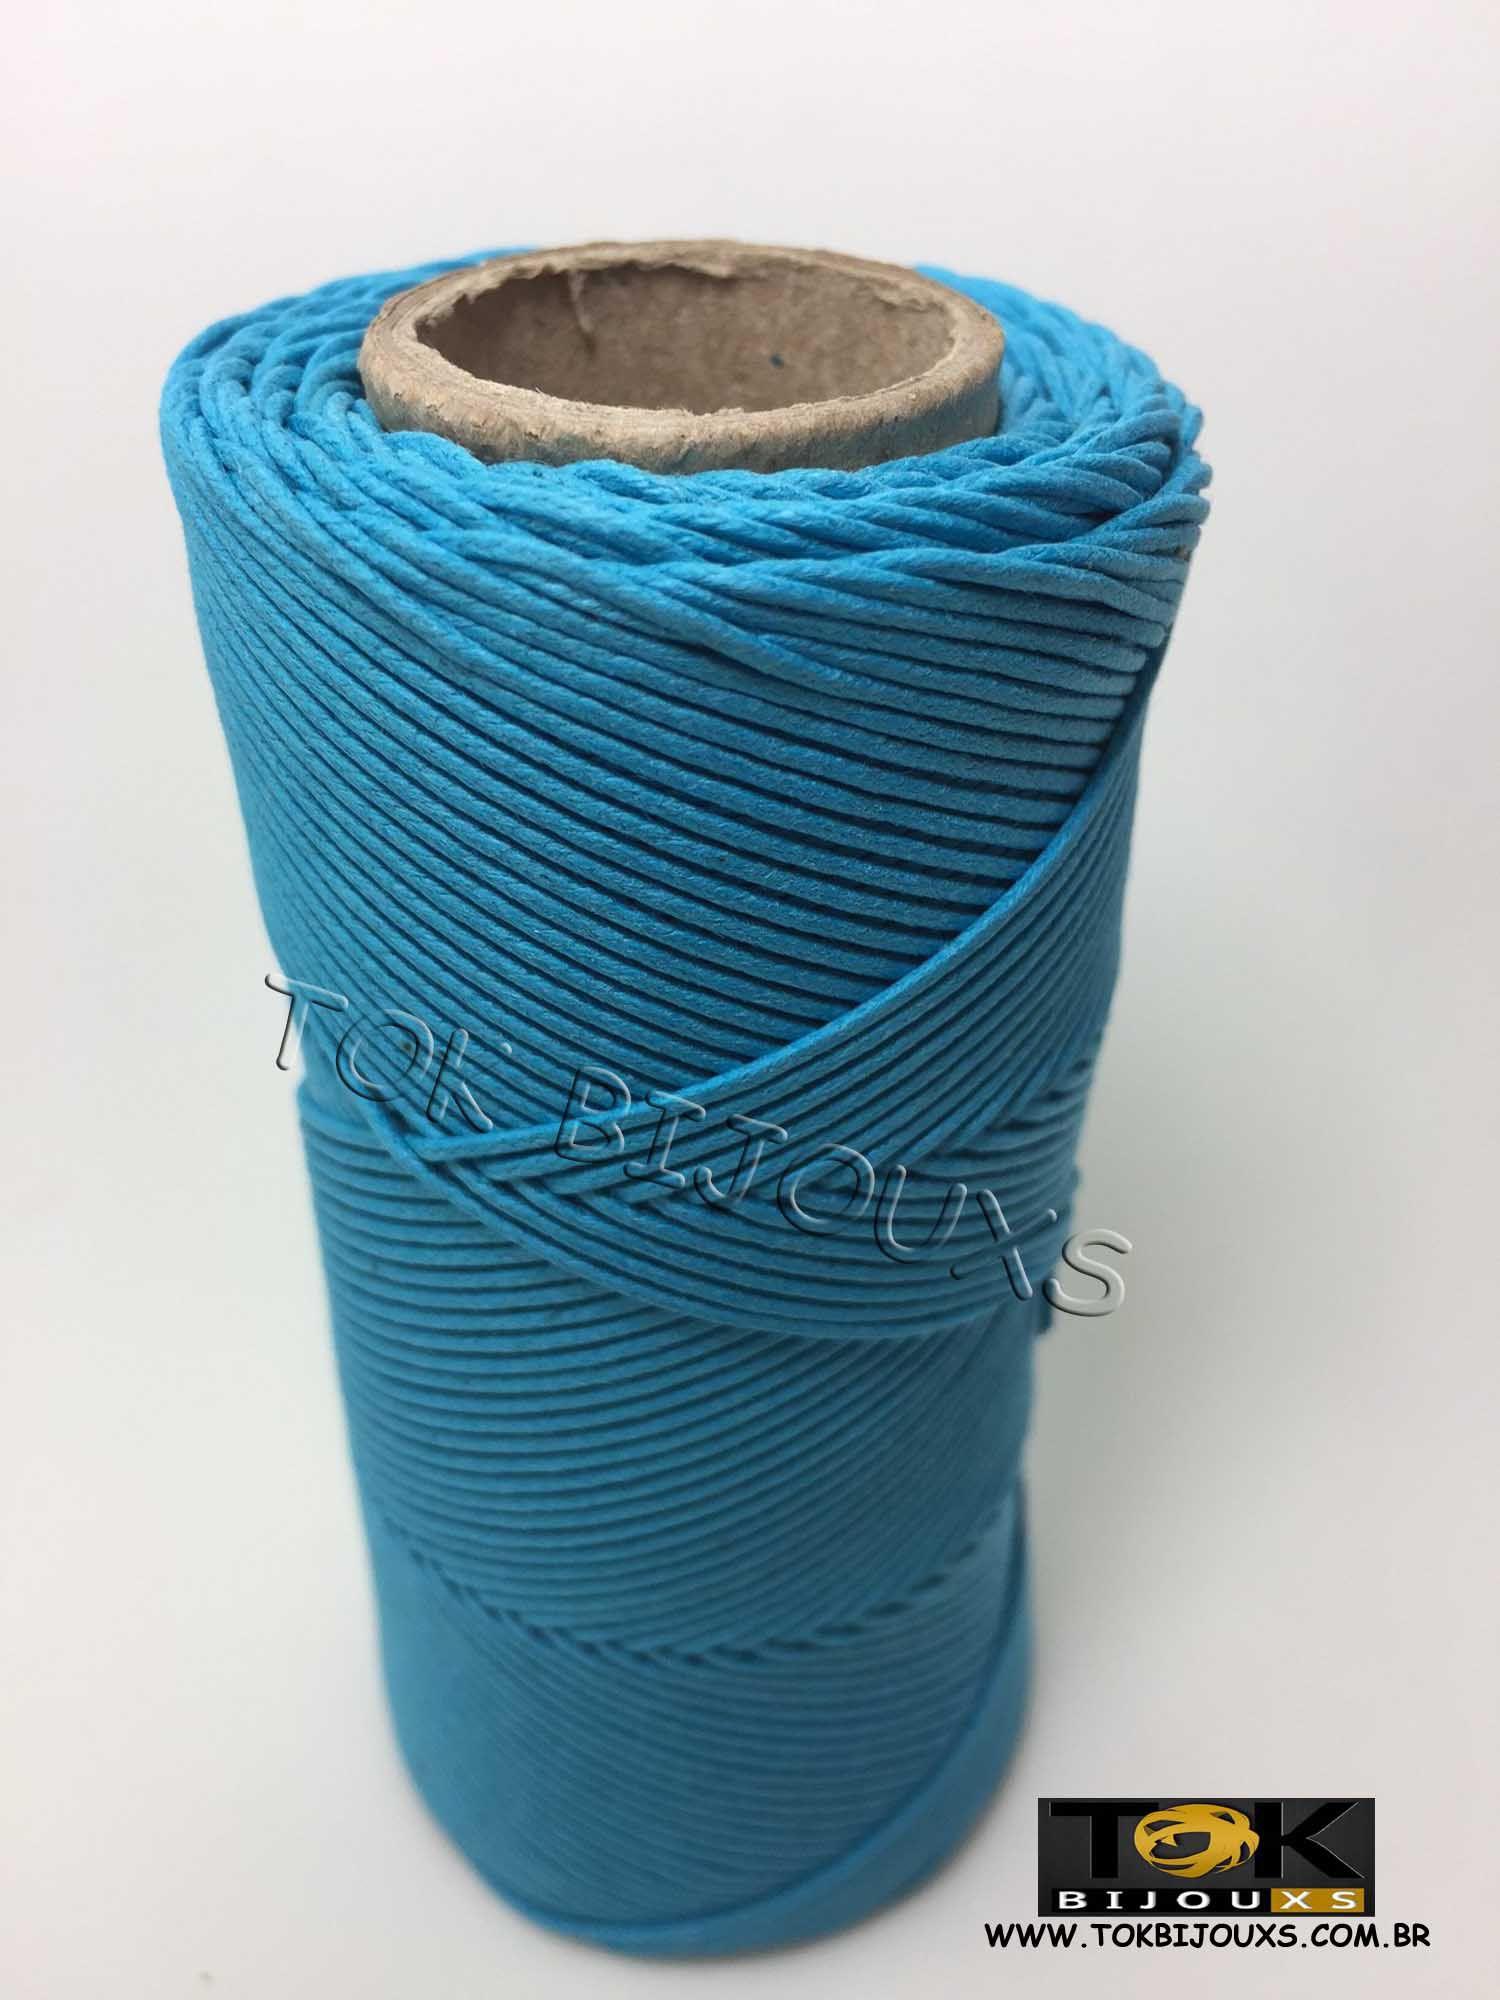 Cordão Encerado Algodão - 1,5mm - Azul Turquesa